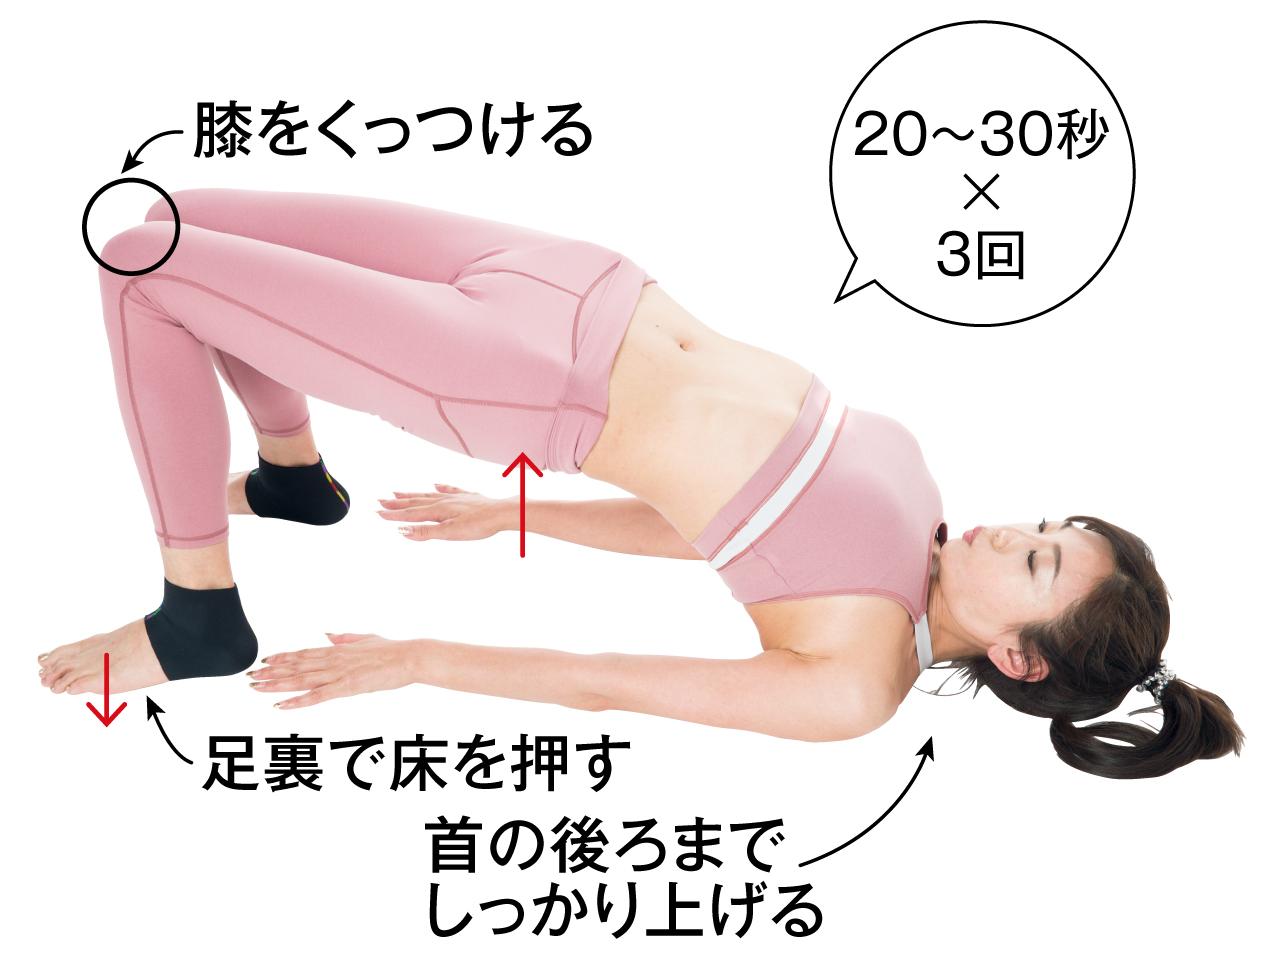 膝をくっつける 足裏で床を押す 首の後ろまでしっかり上げる 20~30秒3回